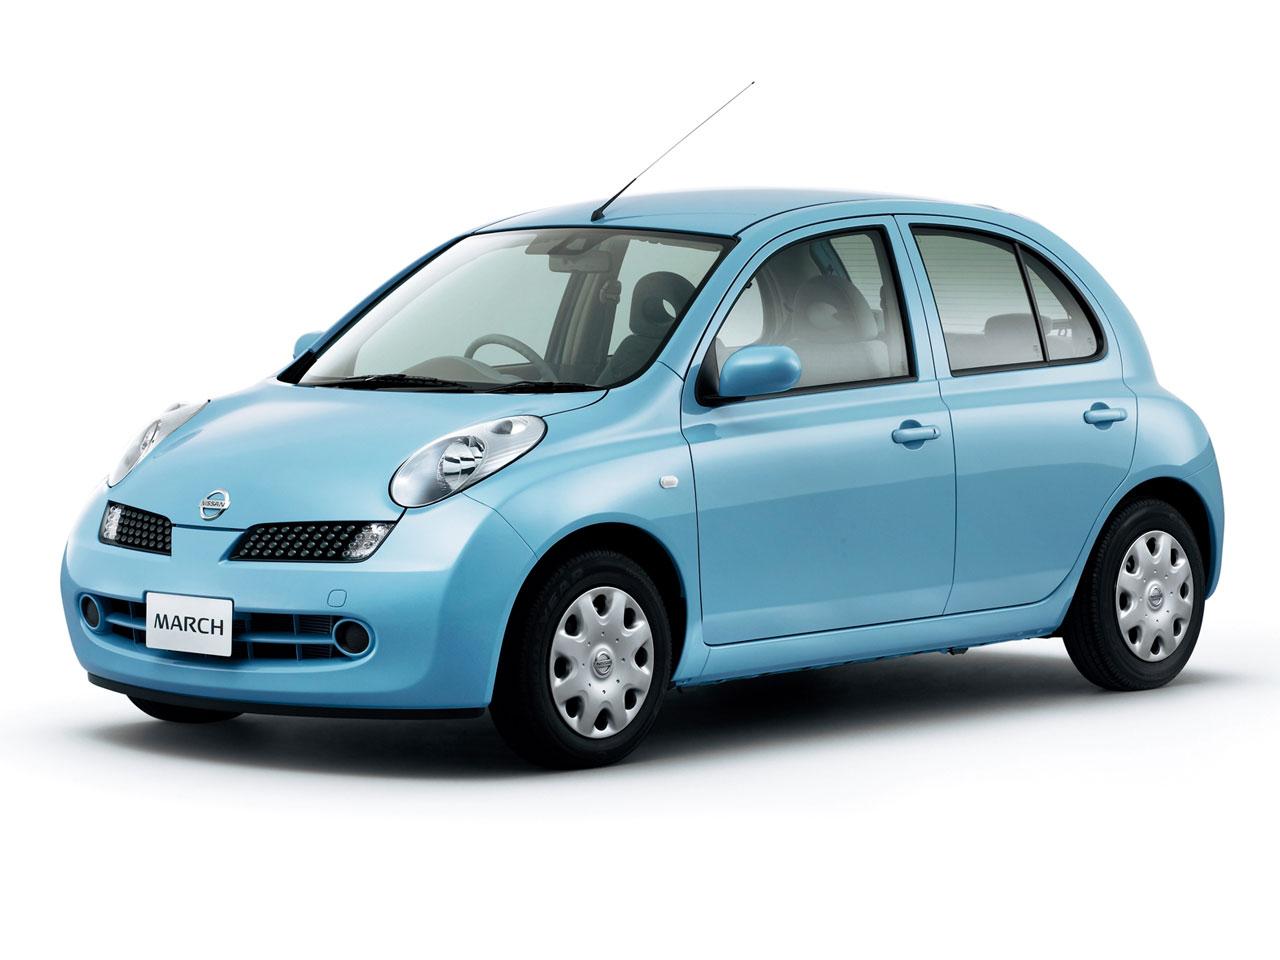 日産 マーチ 2002年モデル 12c プレミアムインテリア 価格・性能 ...